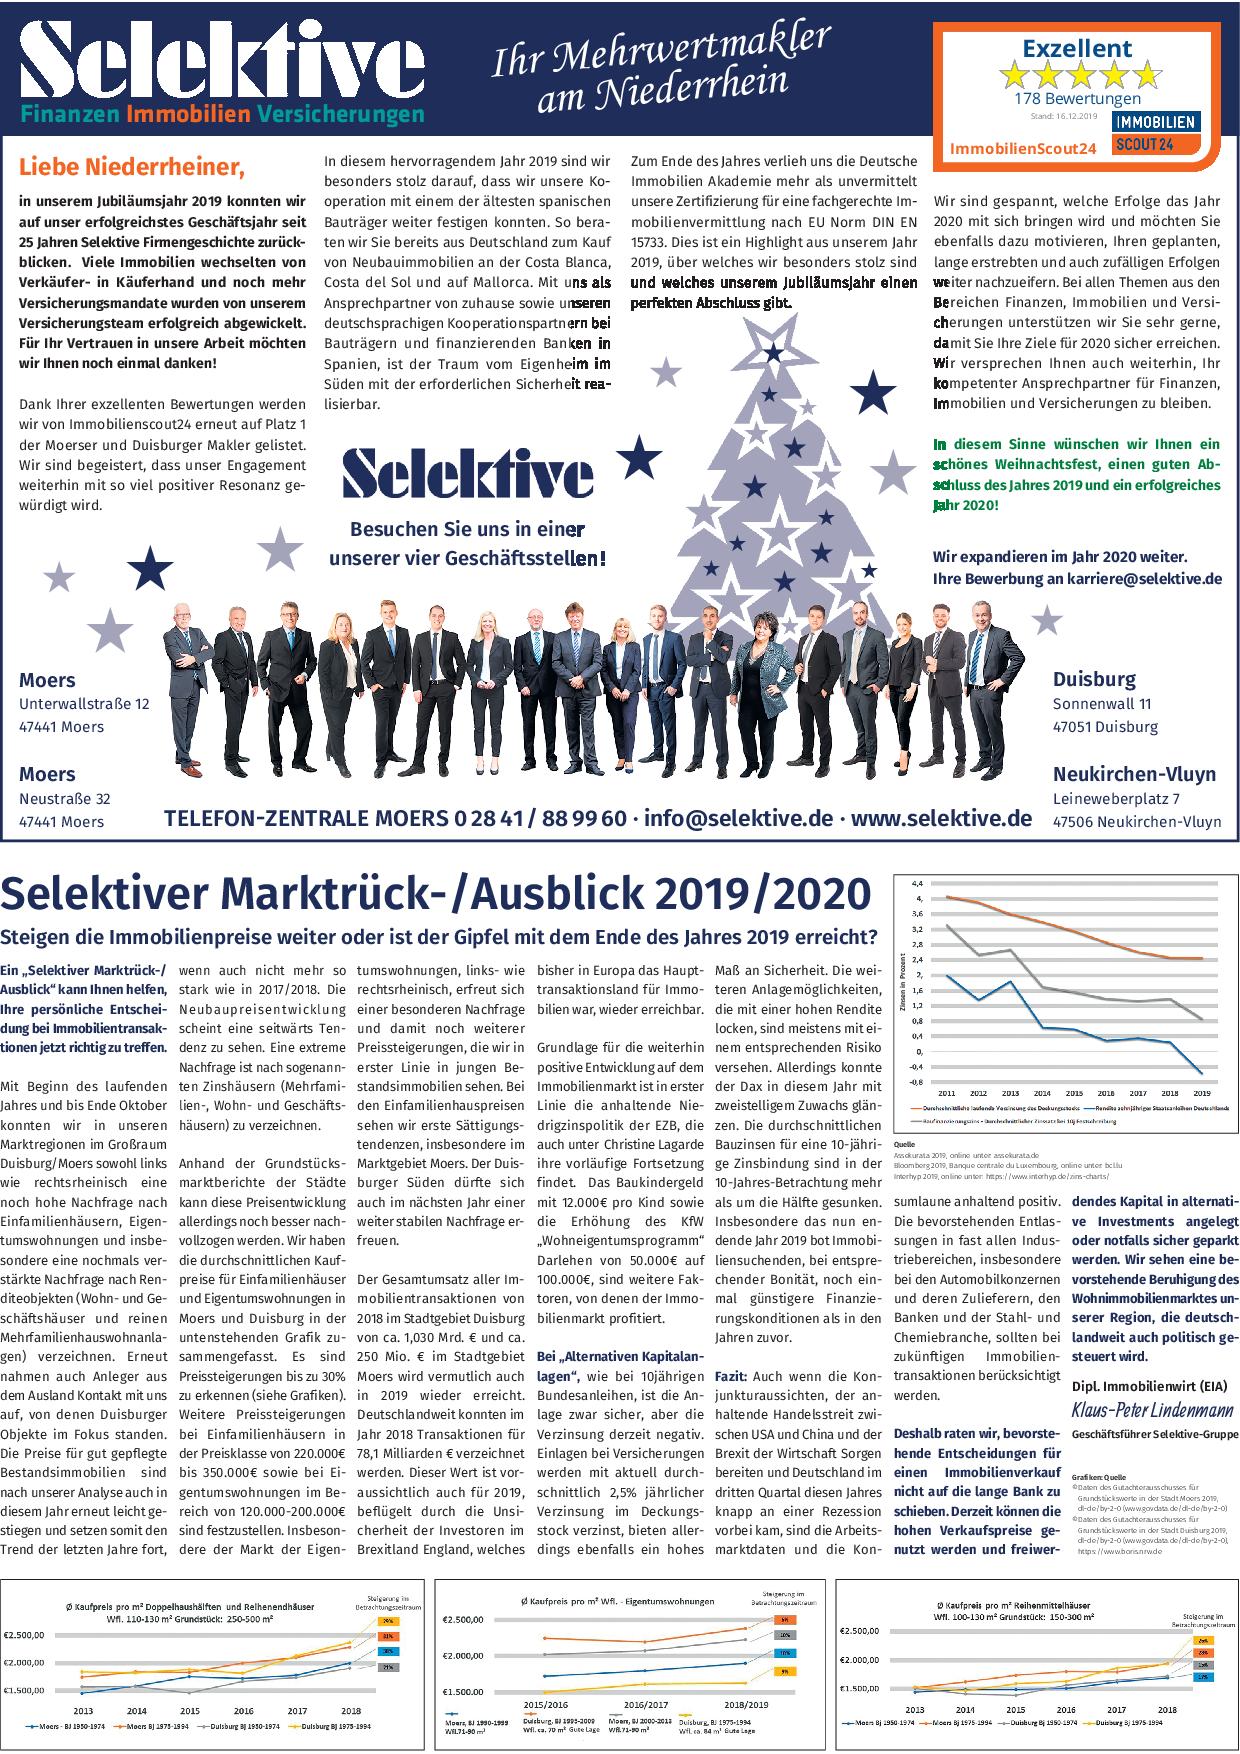 Anzeige Selektiver Marktrück-/ Ausblick 2019/ 2020